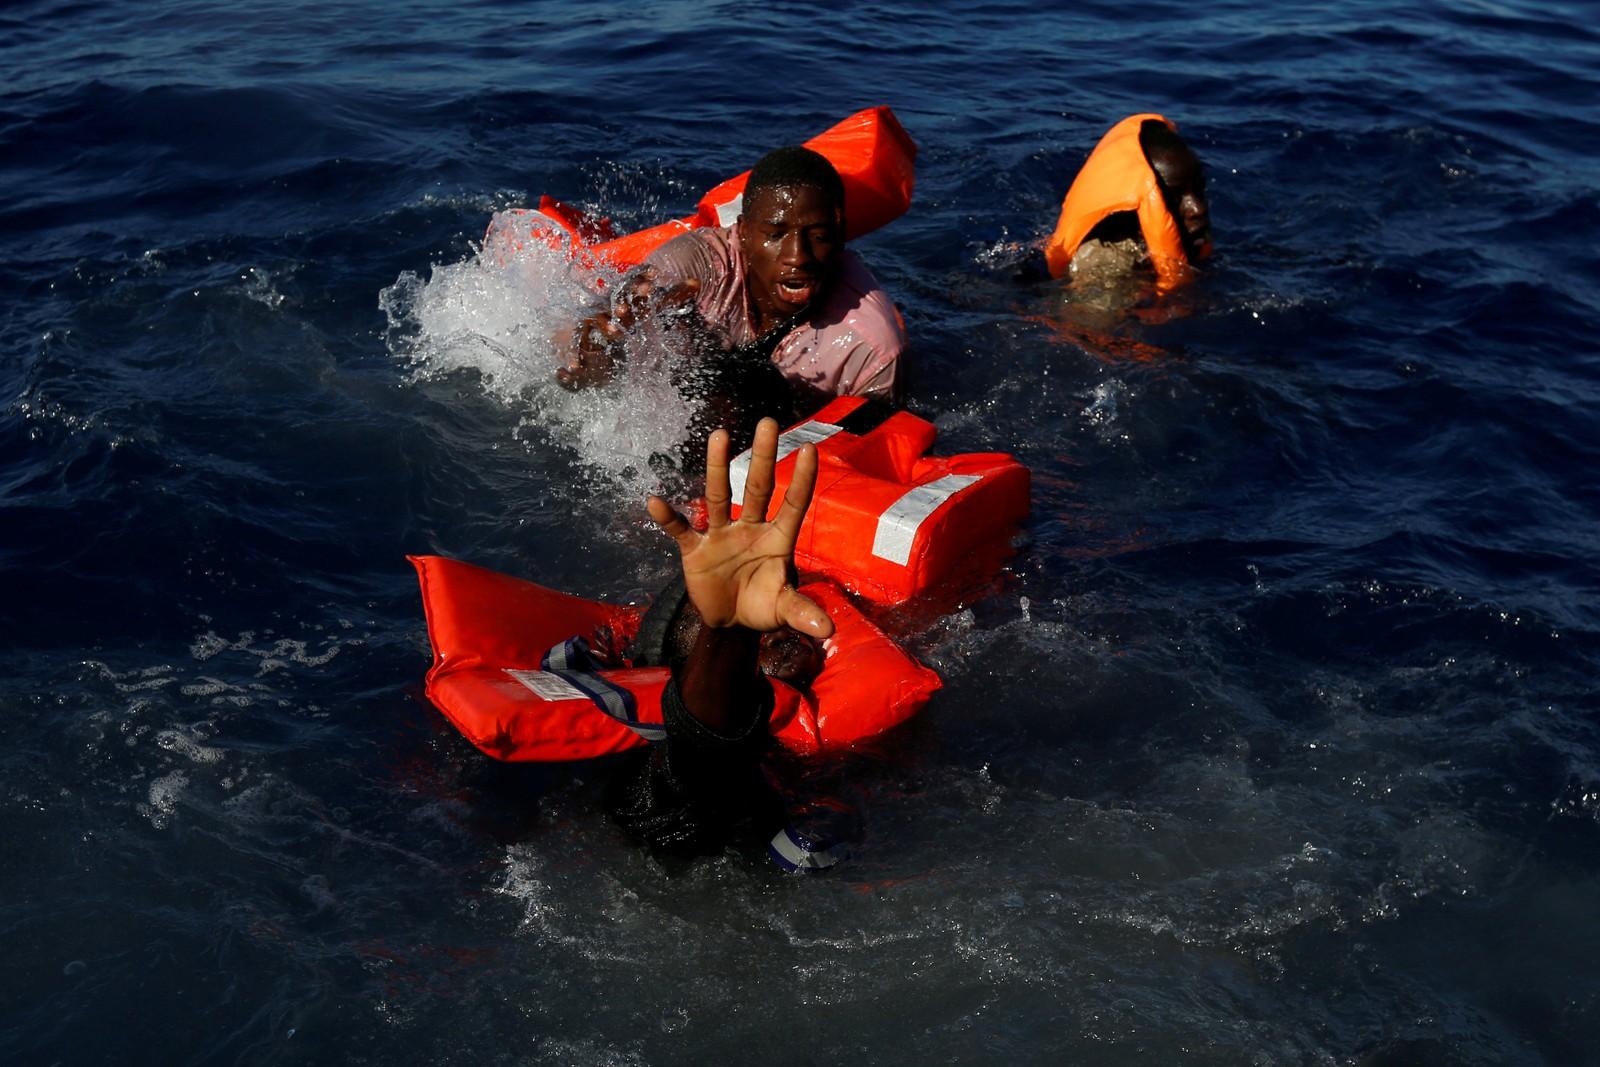 De prøvde desperat å holde seg flytende etter at gummibåten de satt i havarerte. Alle de 134 passasjerene overlevde.